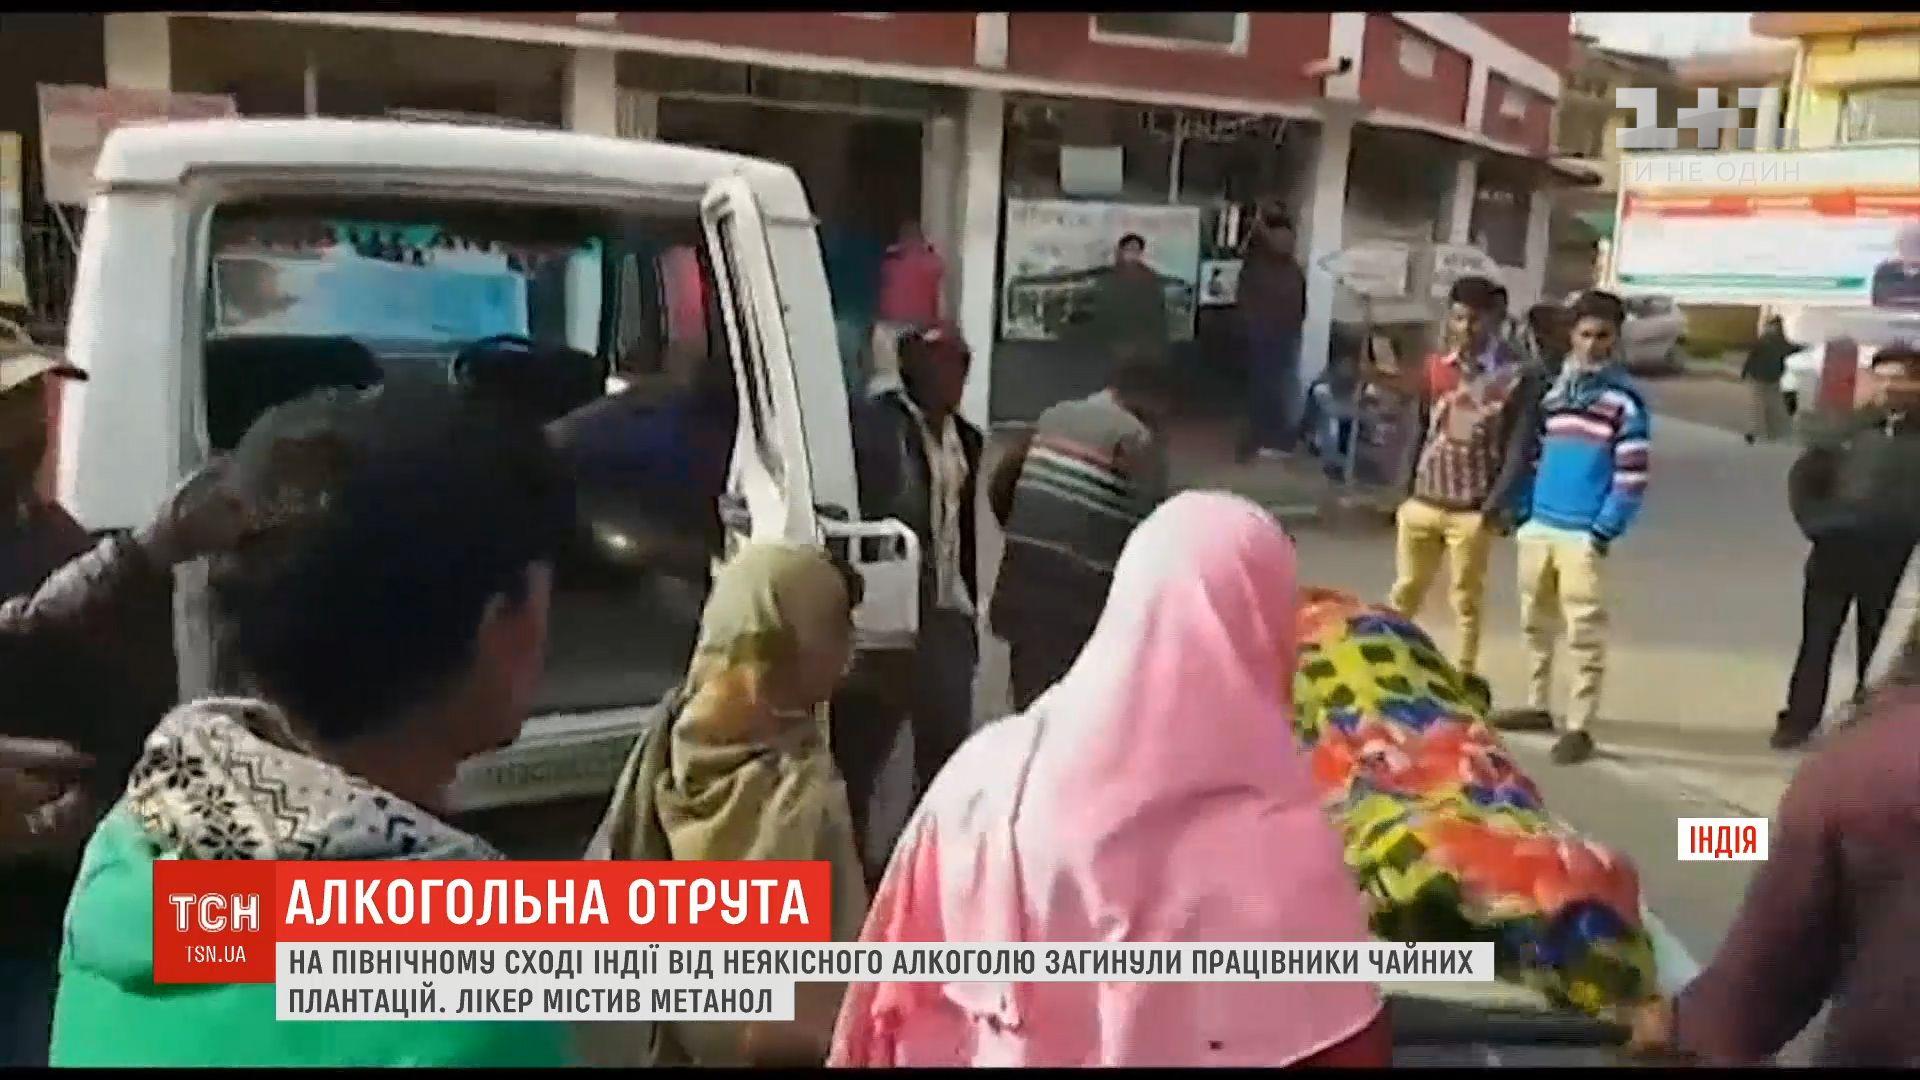 Десятки отруєних залишаються в лікарнях / скріншот